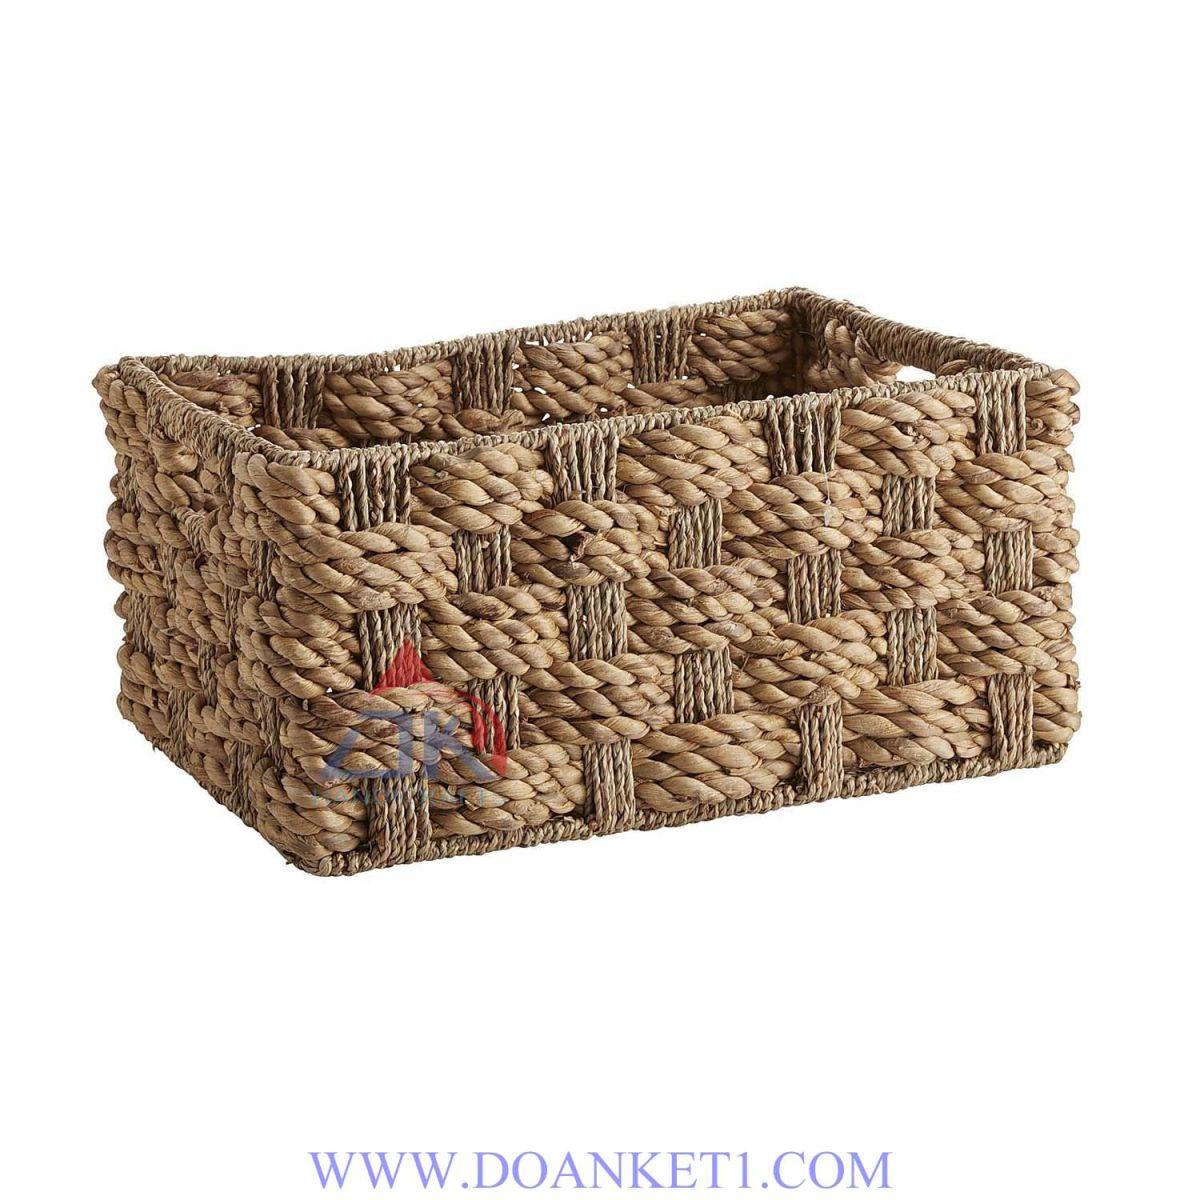 Seagrass Storage # DK253